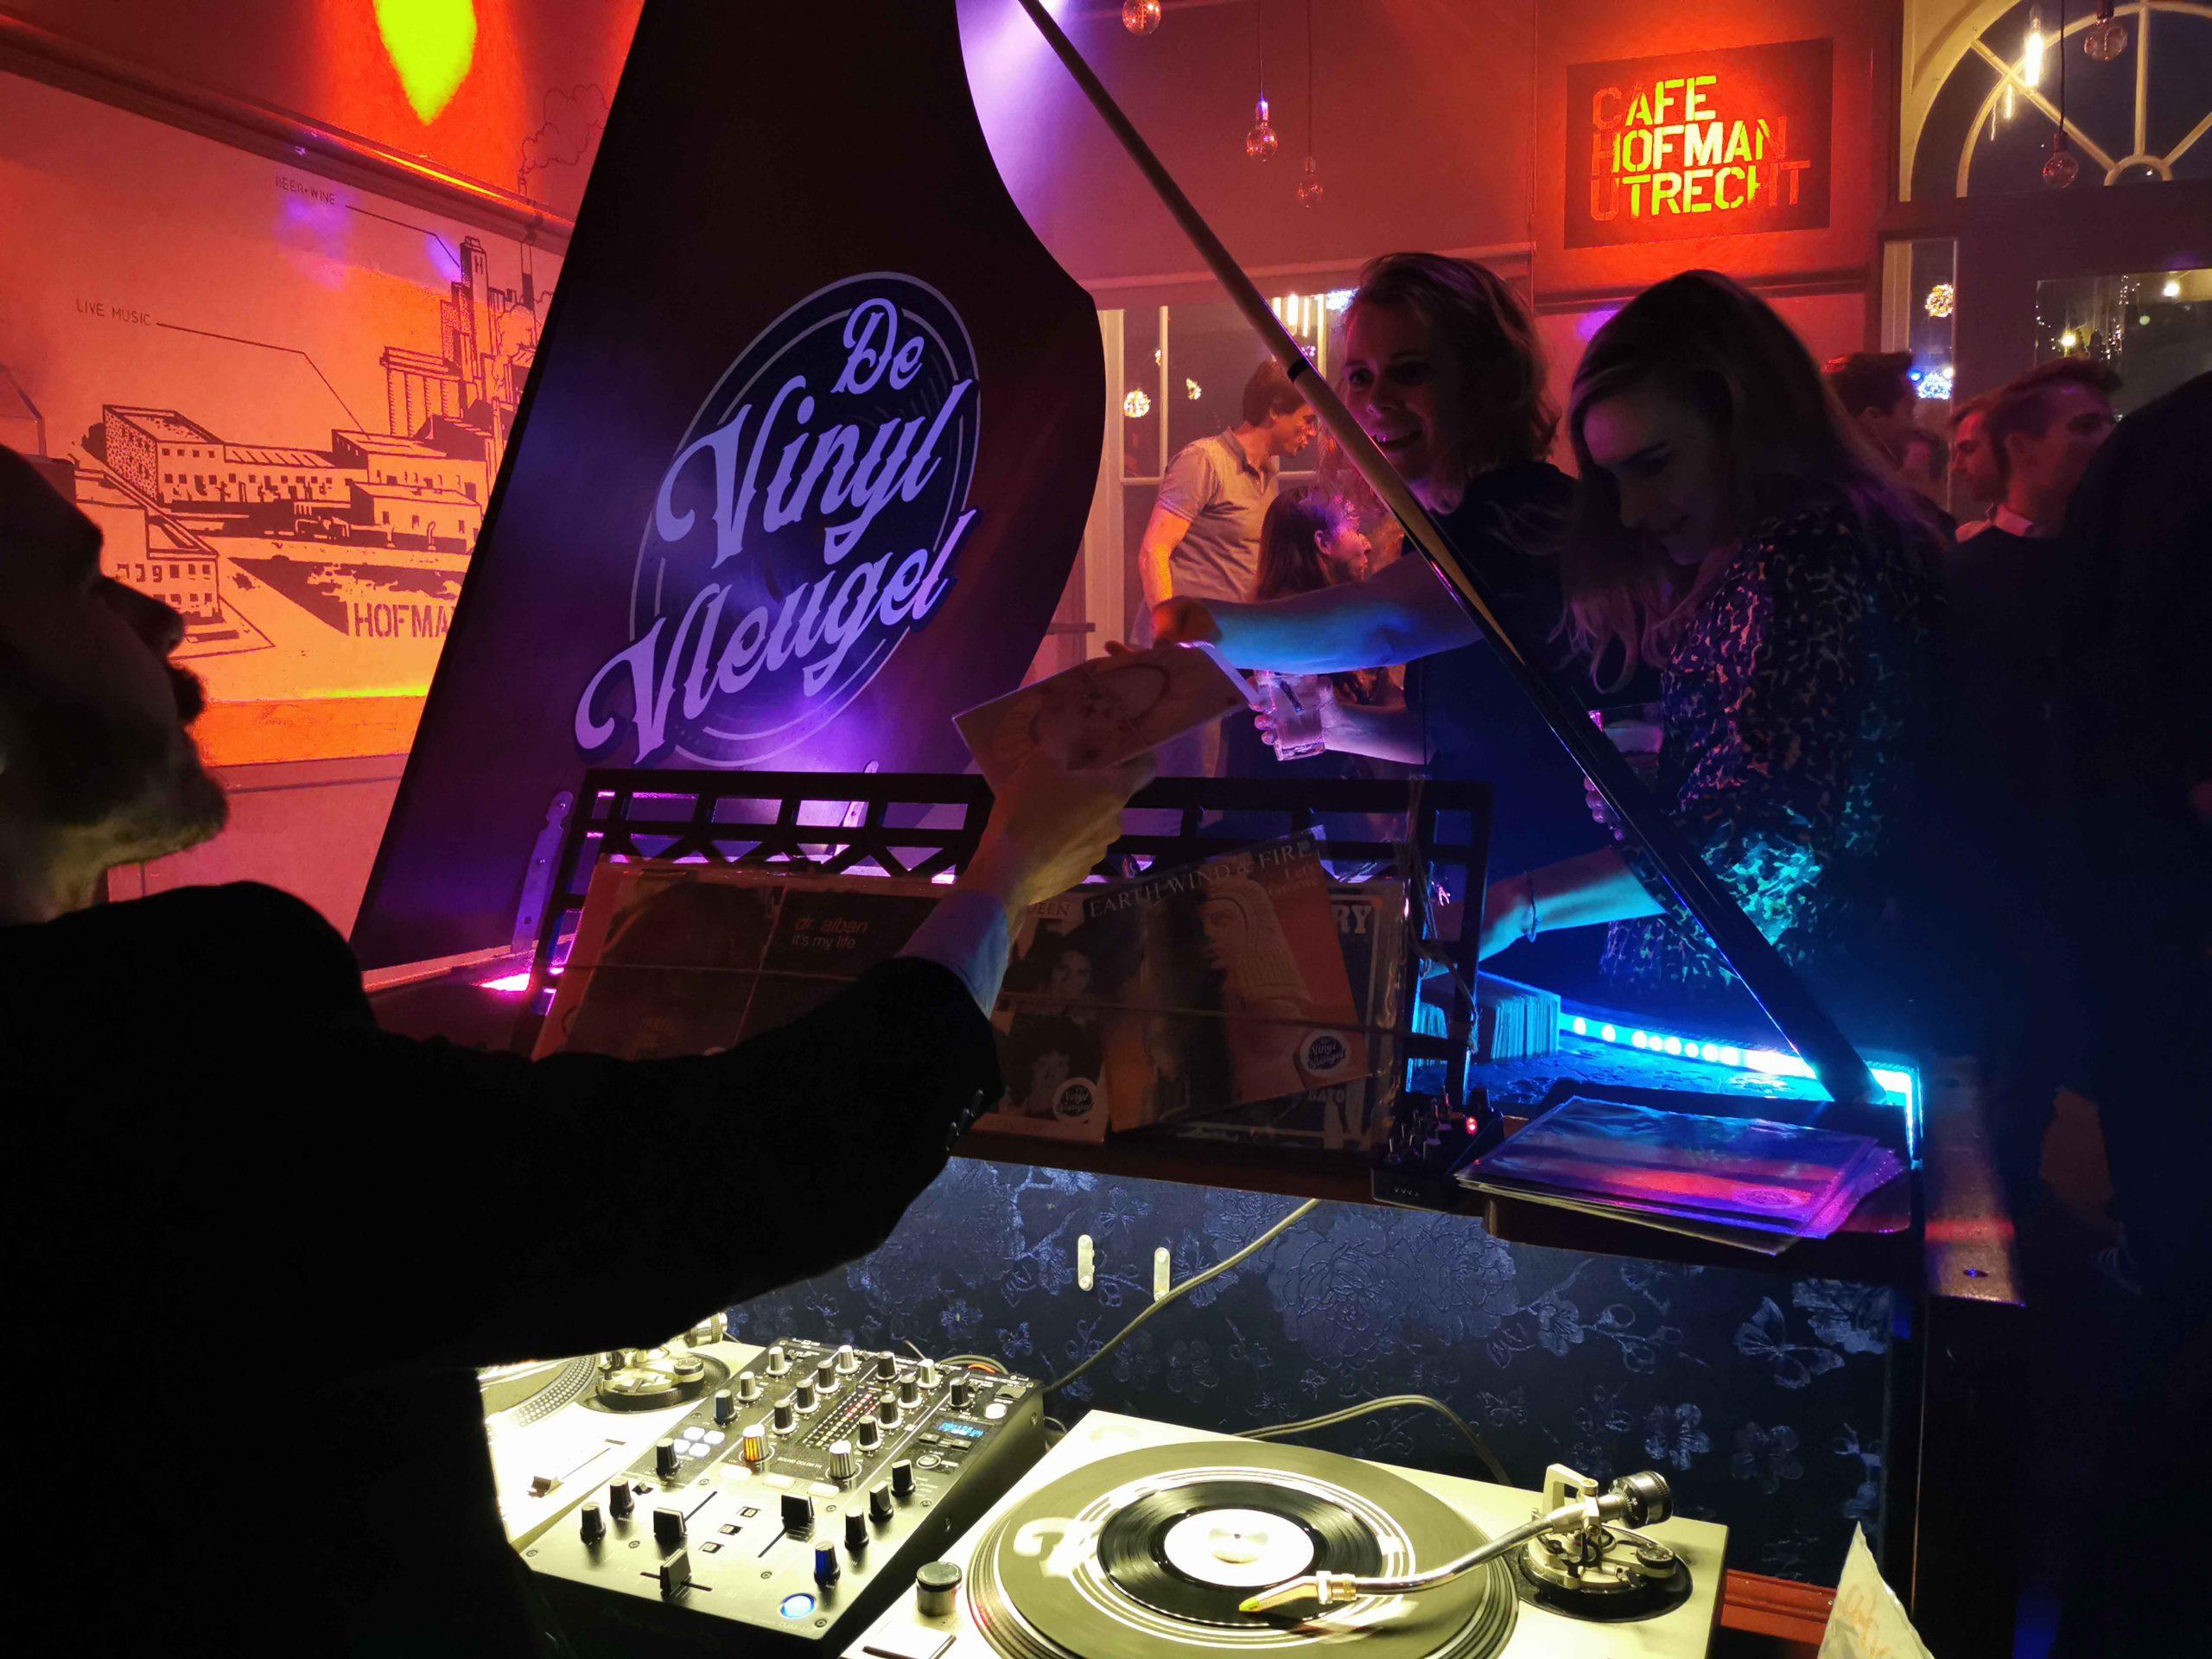 De Vinyl Vleugel donker